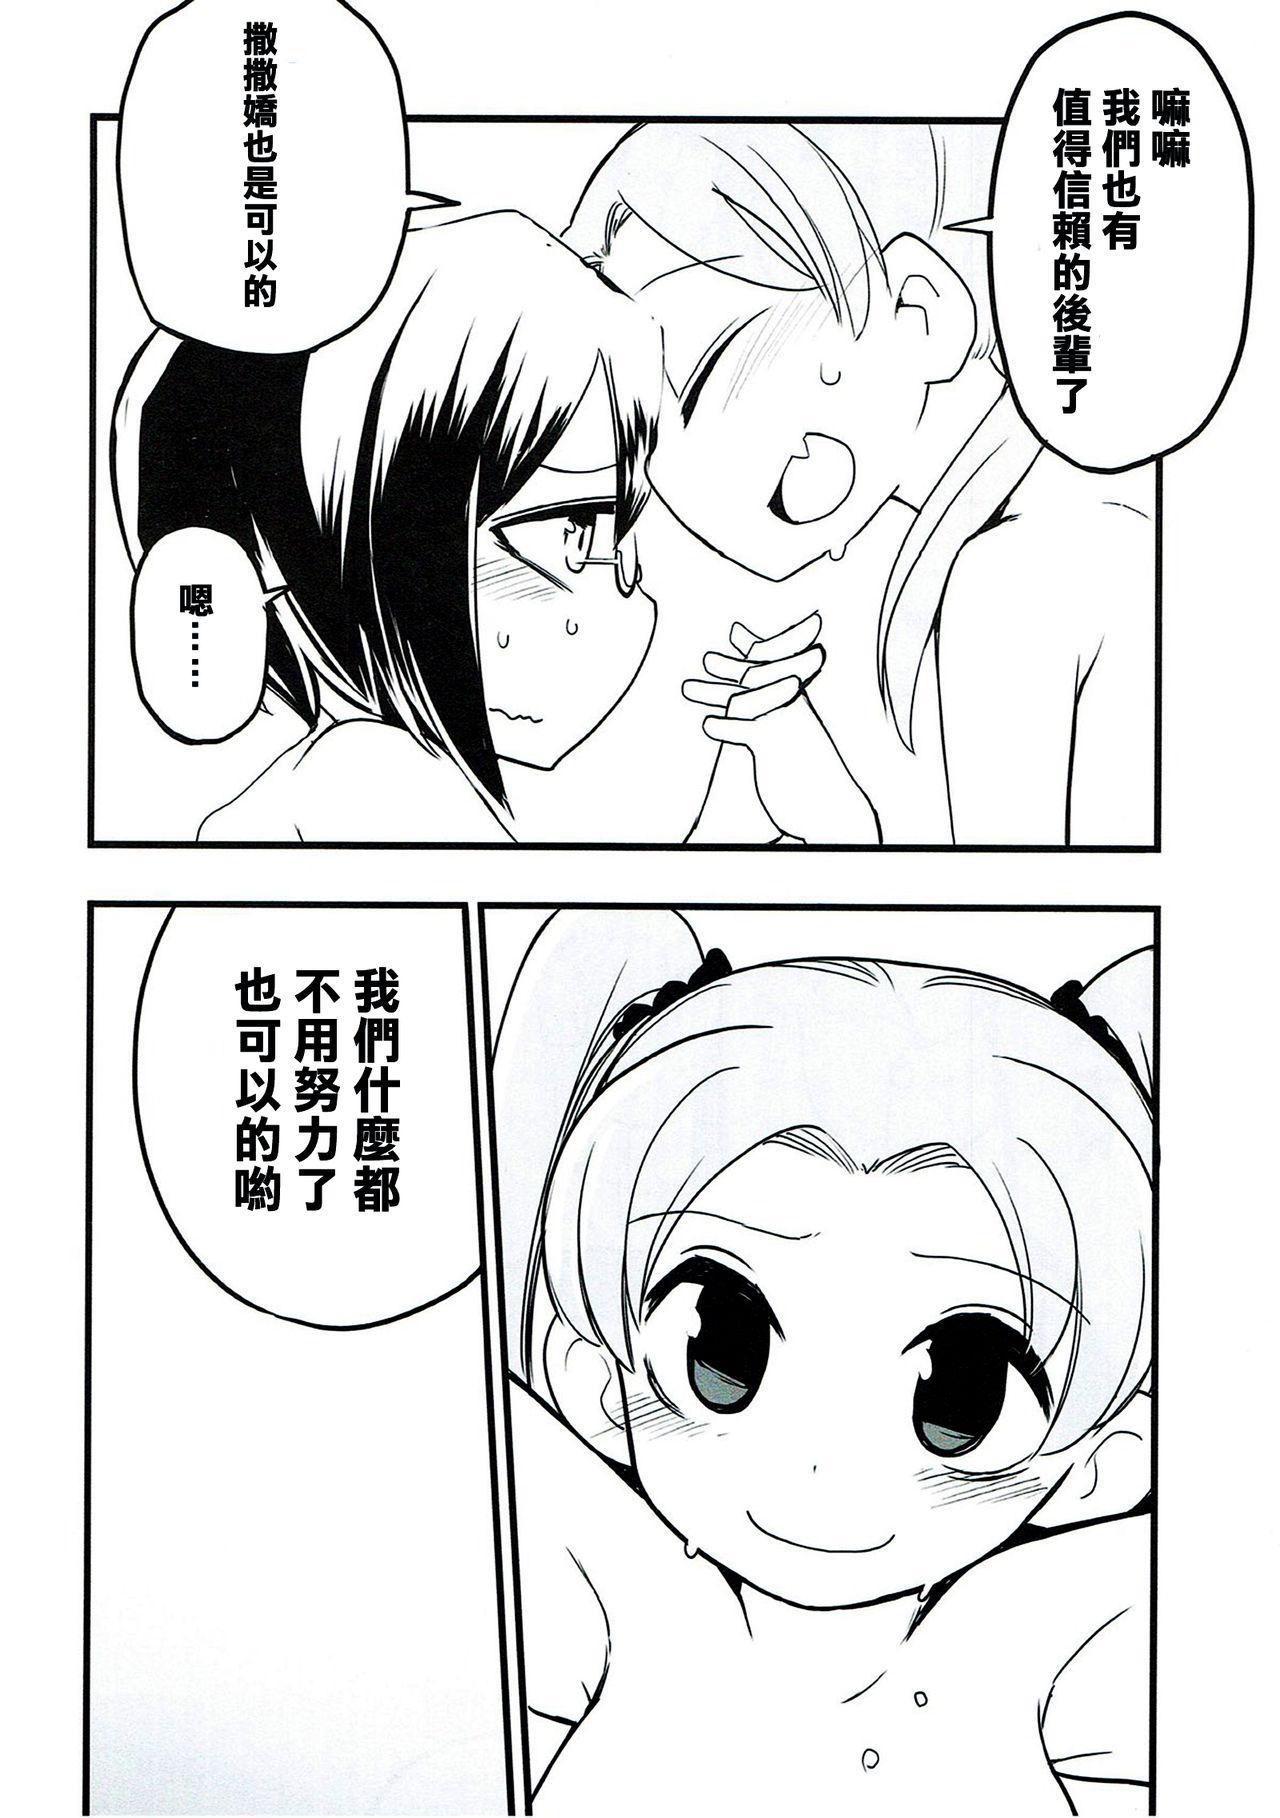 Kyou AnMomo wa Yuri Ecchi o Suru. 17